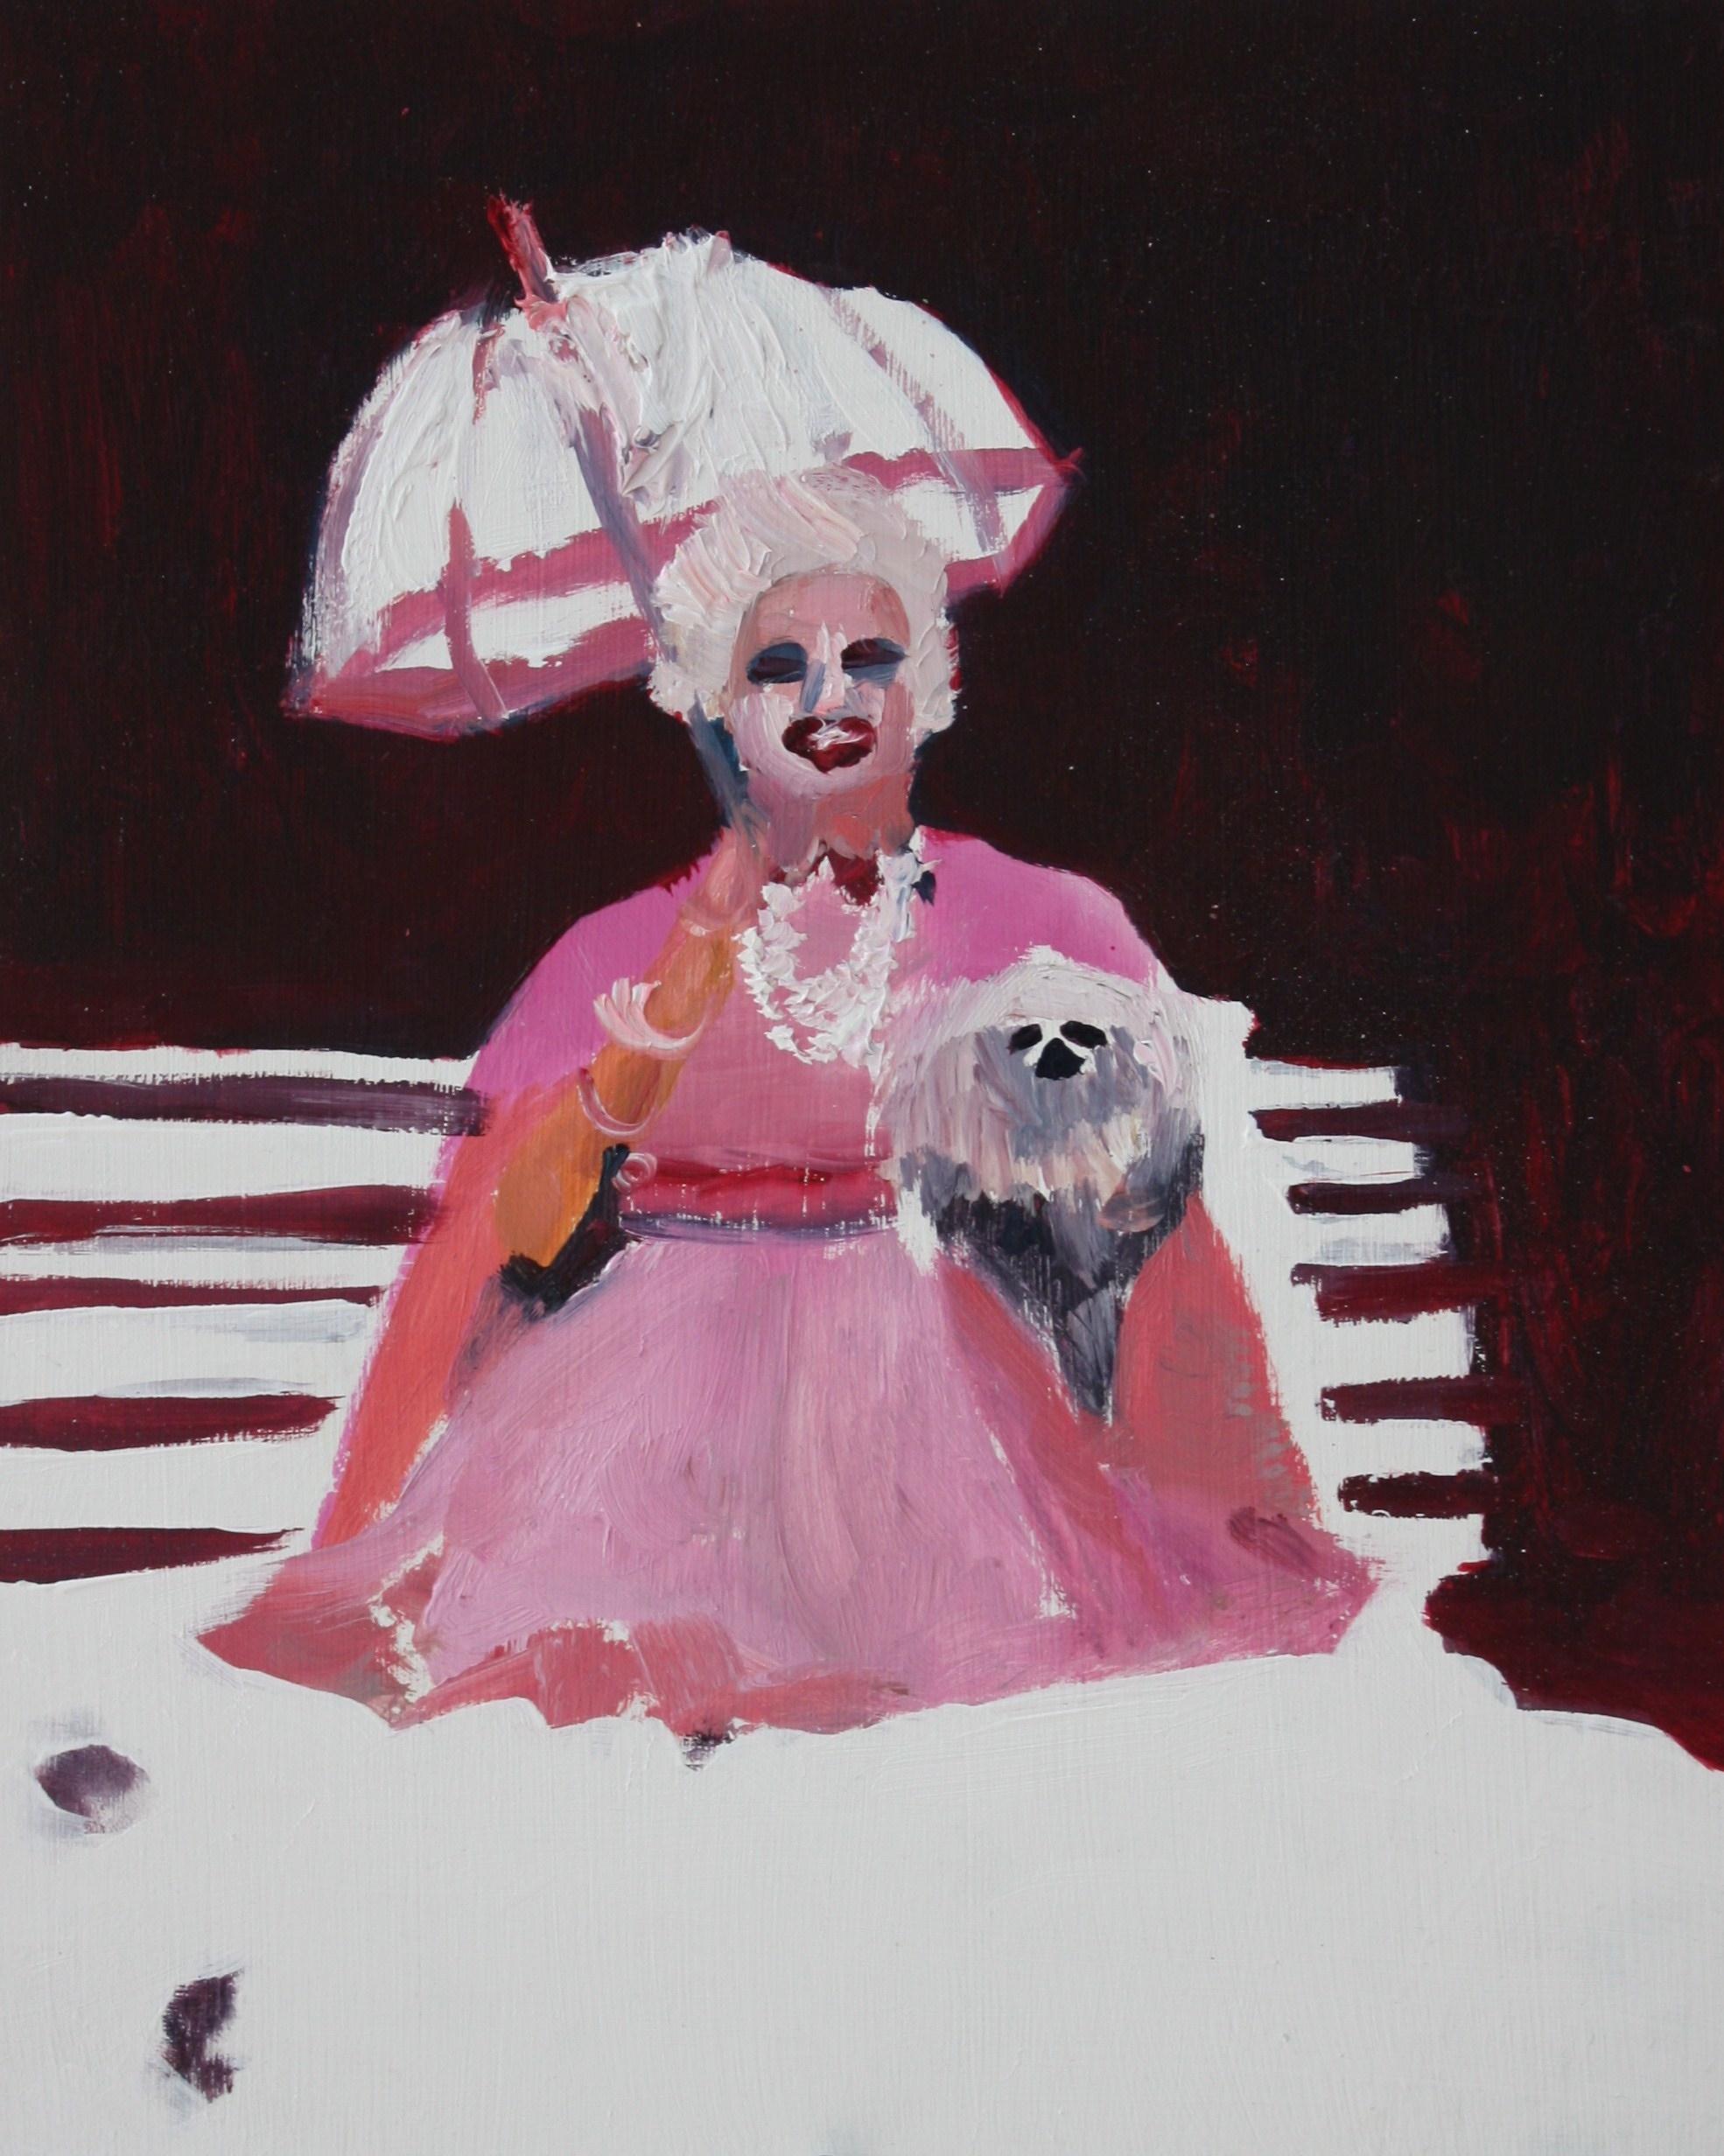 Pooch lady